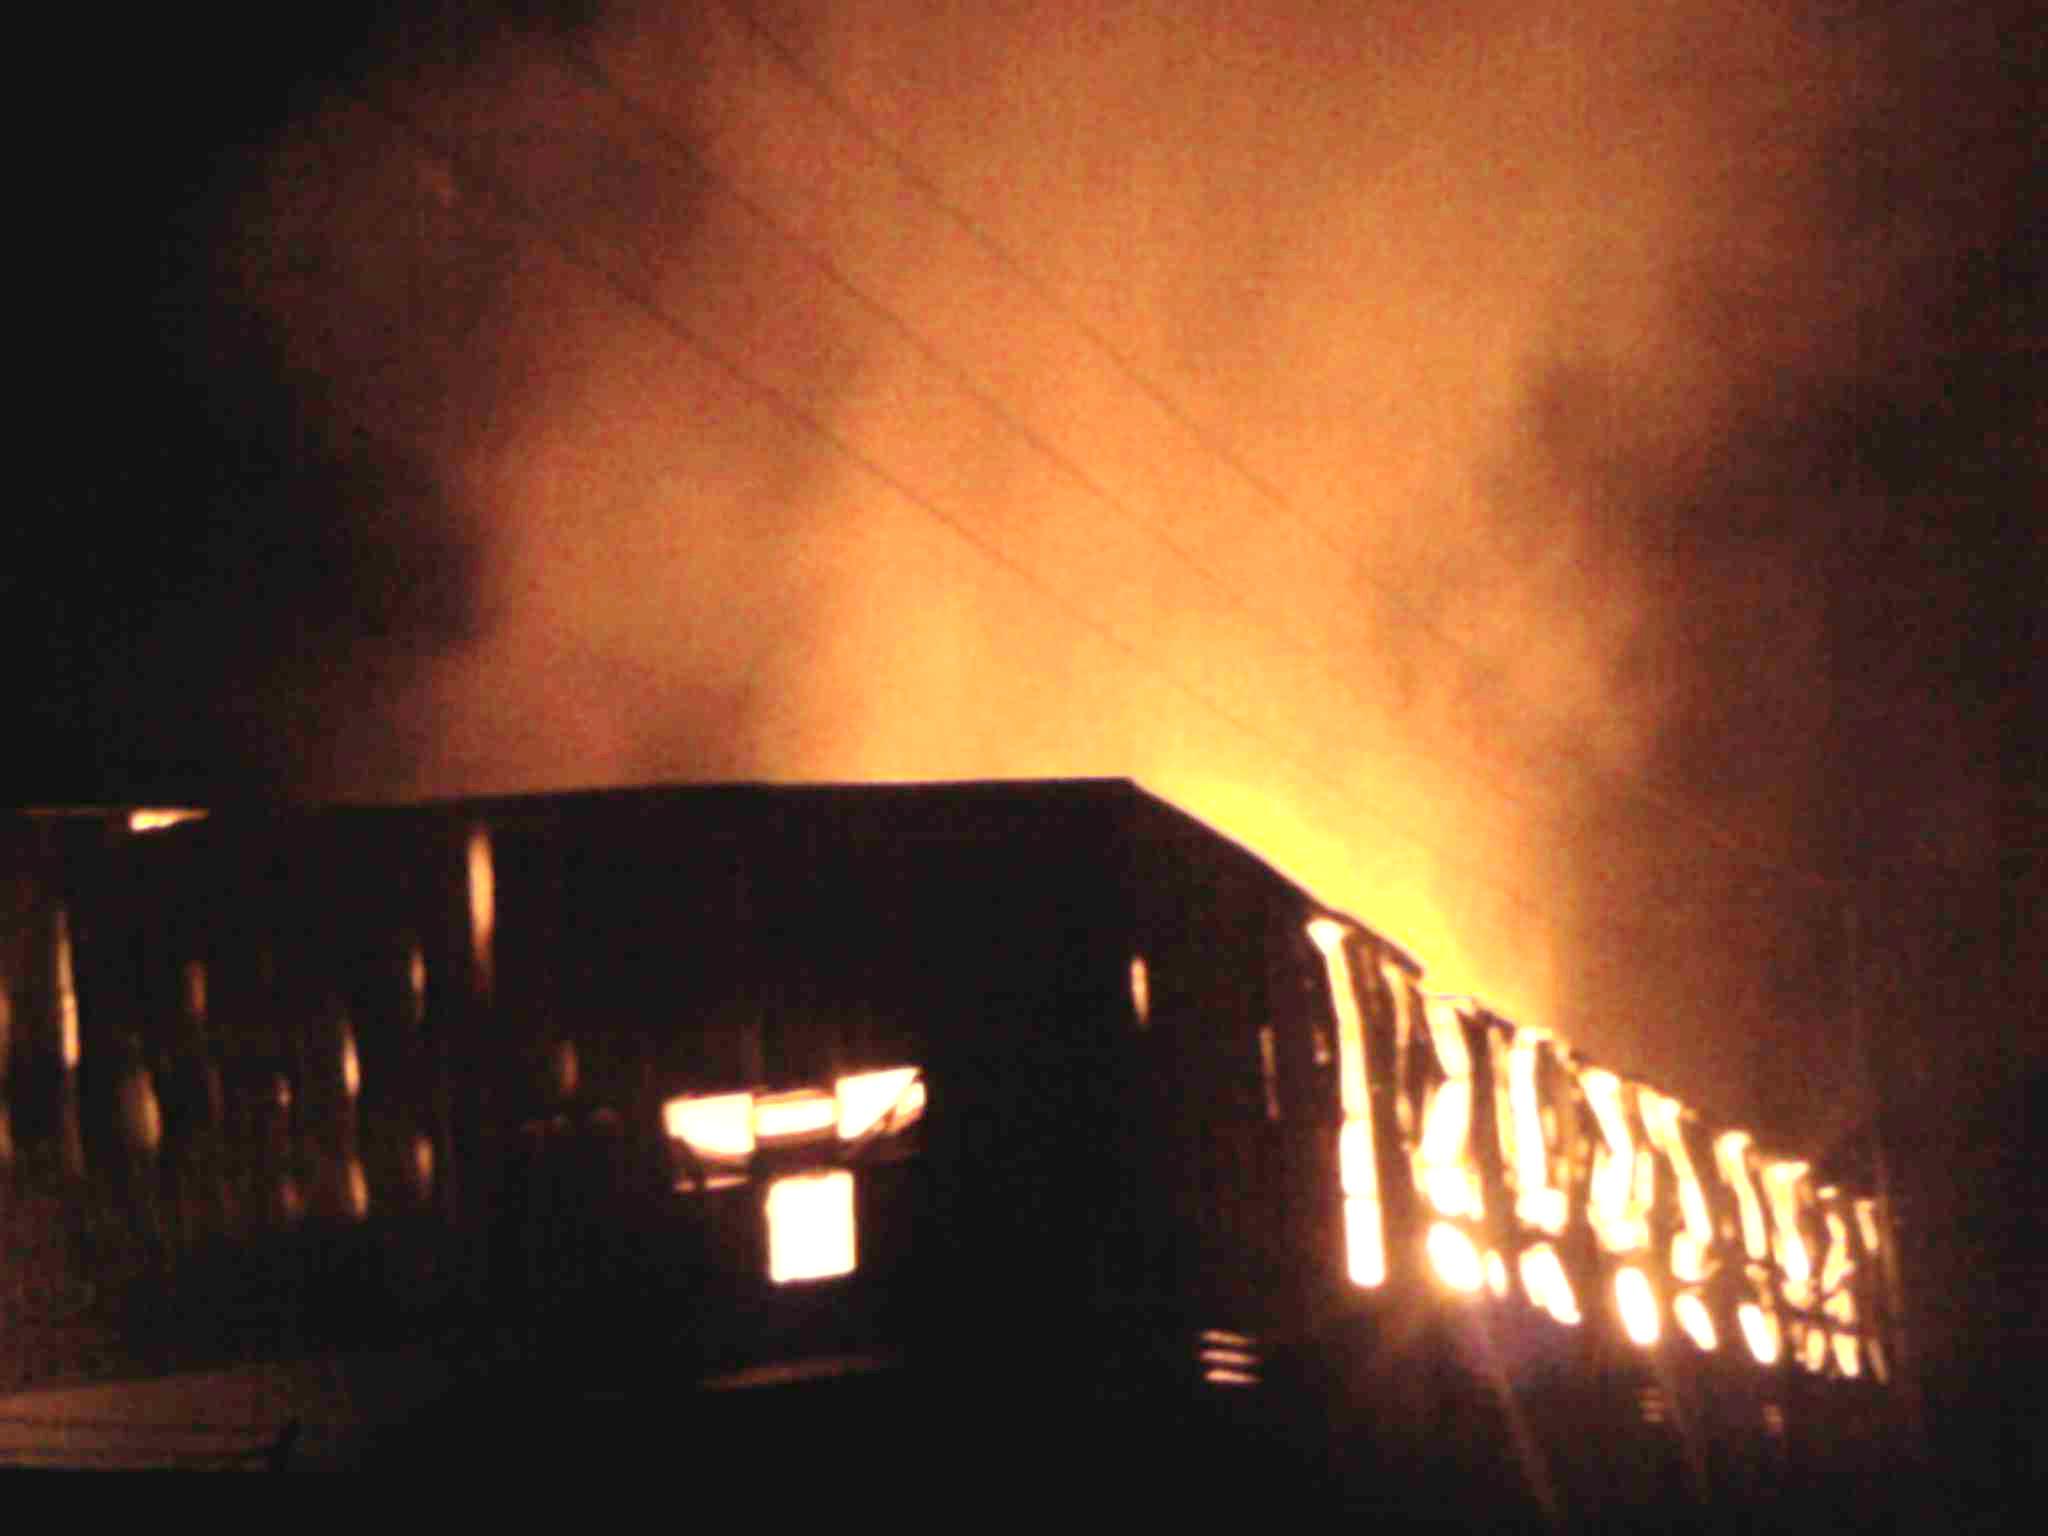 Vụ cháy nhà máy giấy của Công ty cổ phần giấy Thành Đạt đã thiêu rụi hàng ngàn m2 nhà xưởng, kho